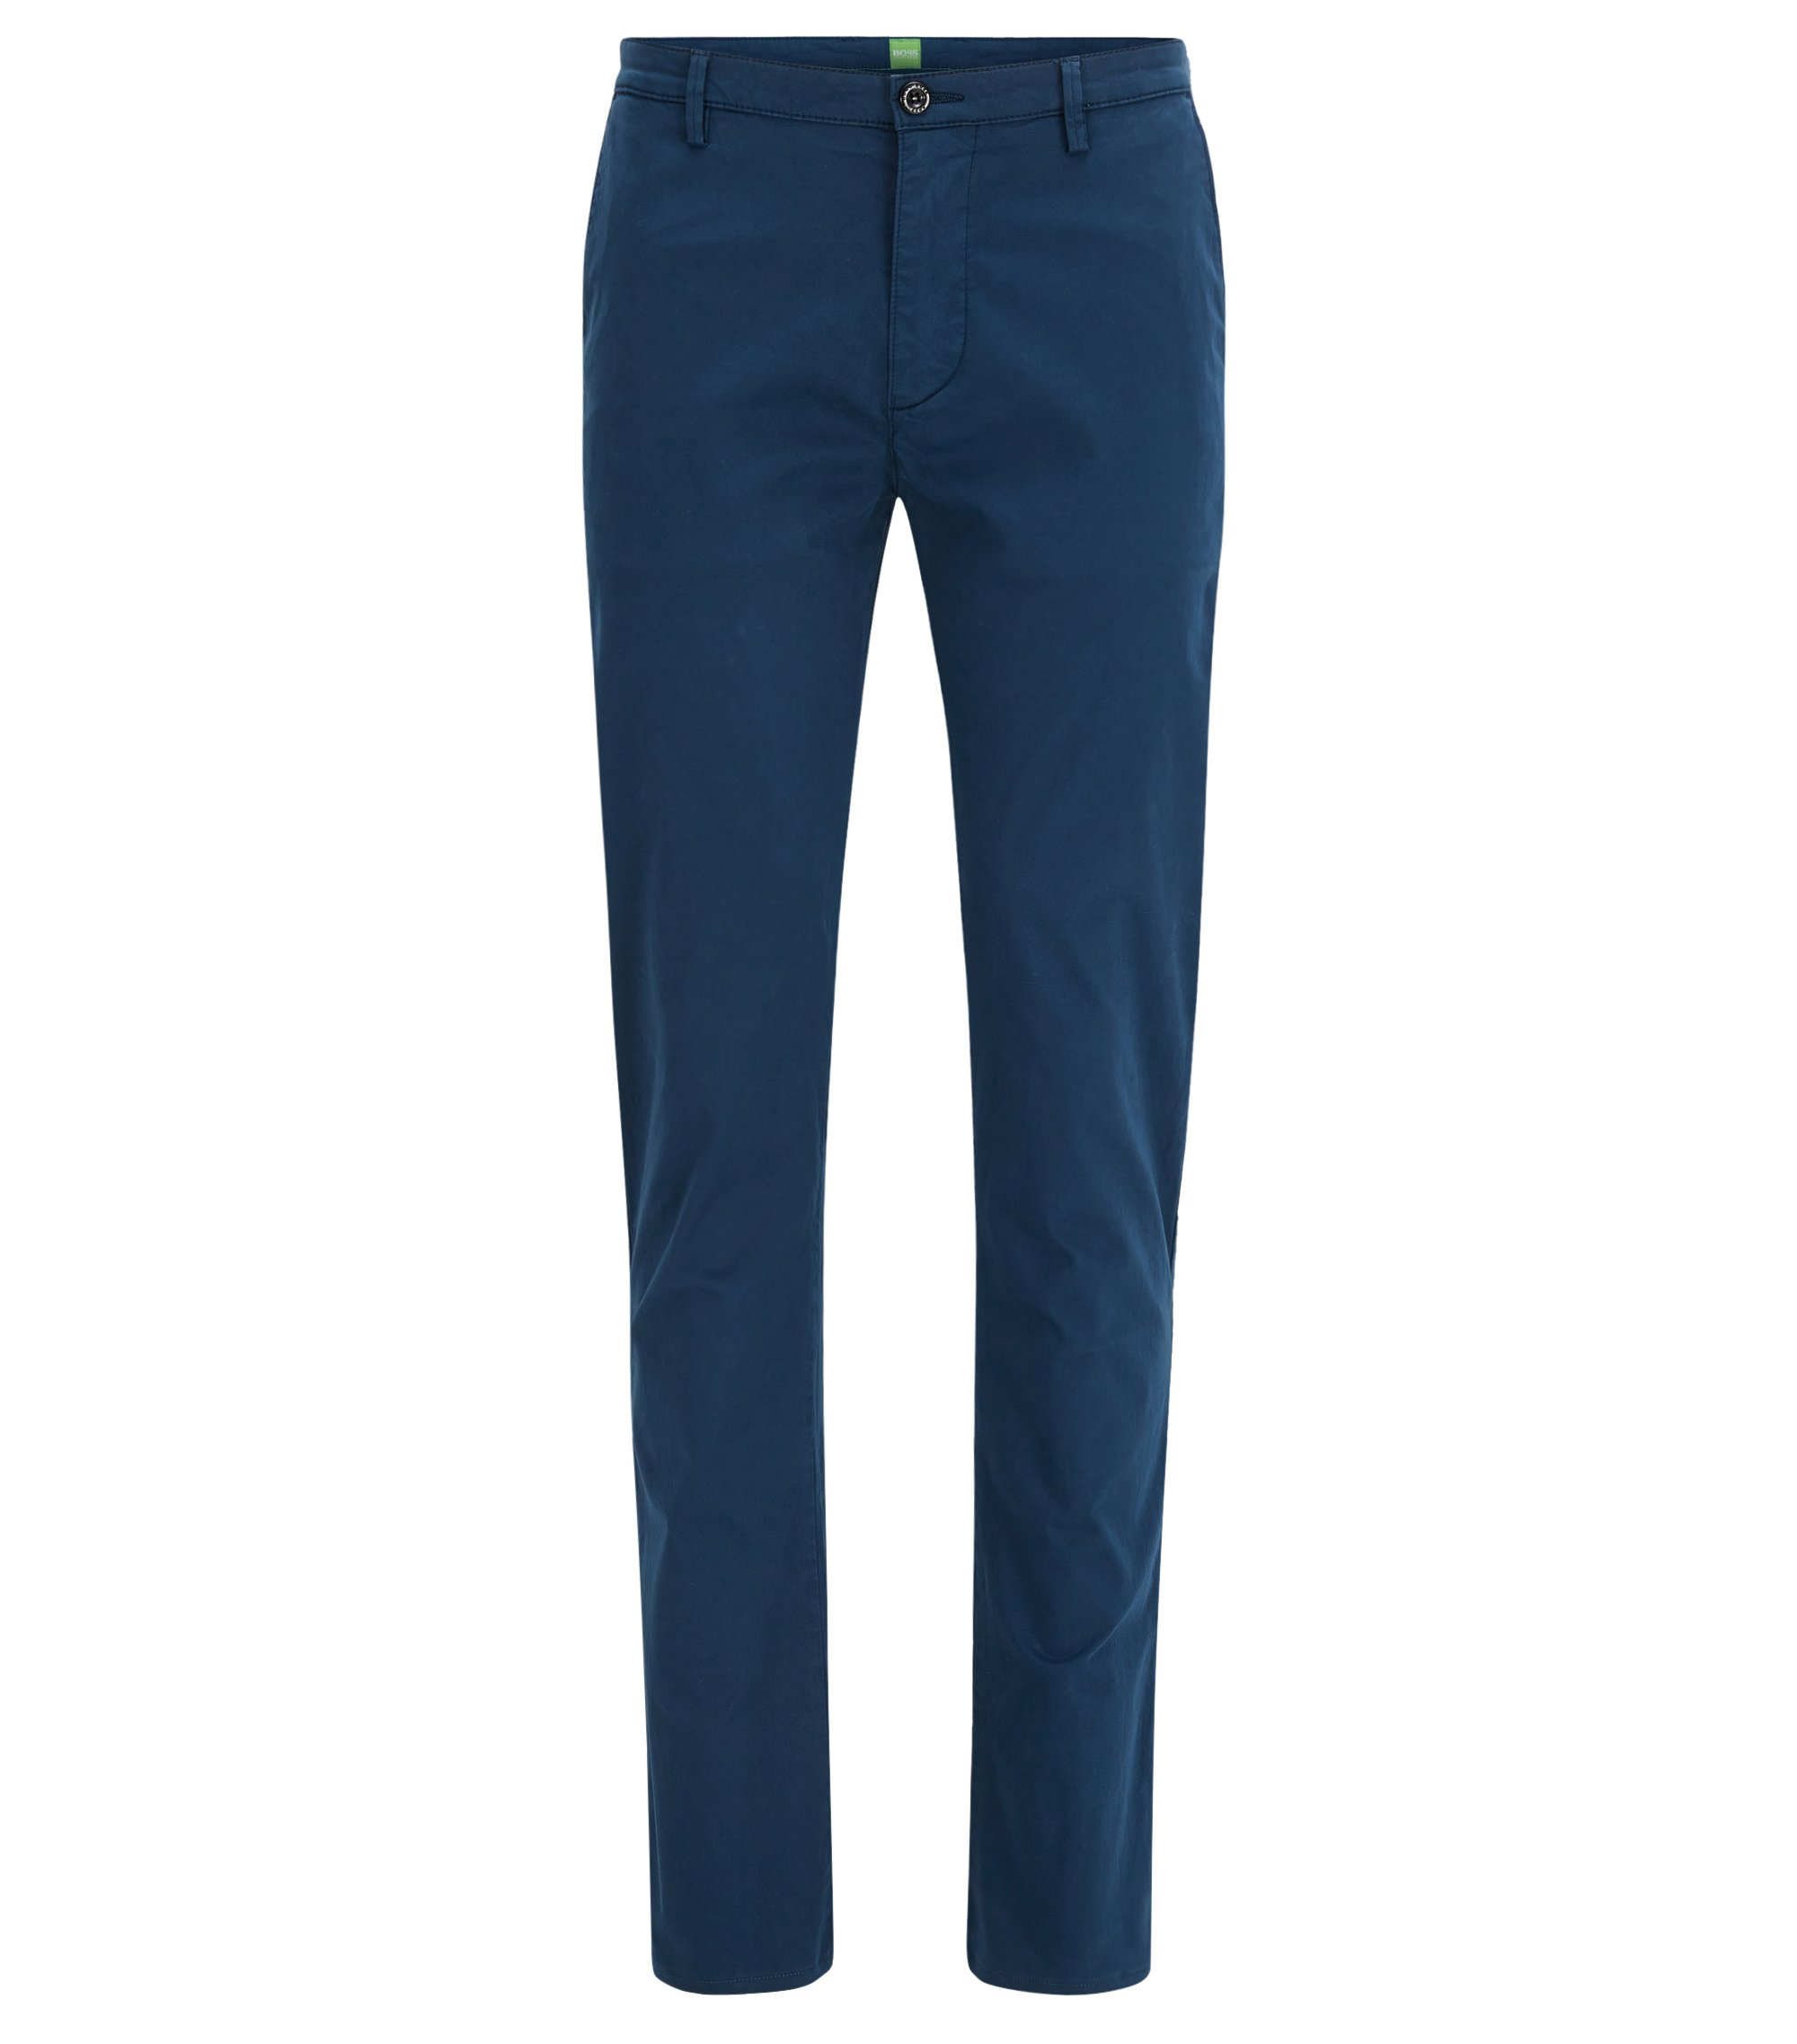 Pantalon Slim Fit en coton Pima stretch, Bleu foncé